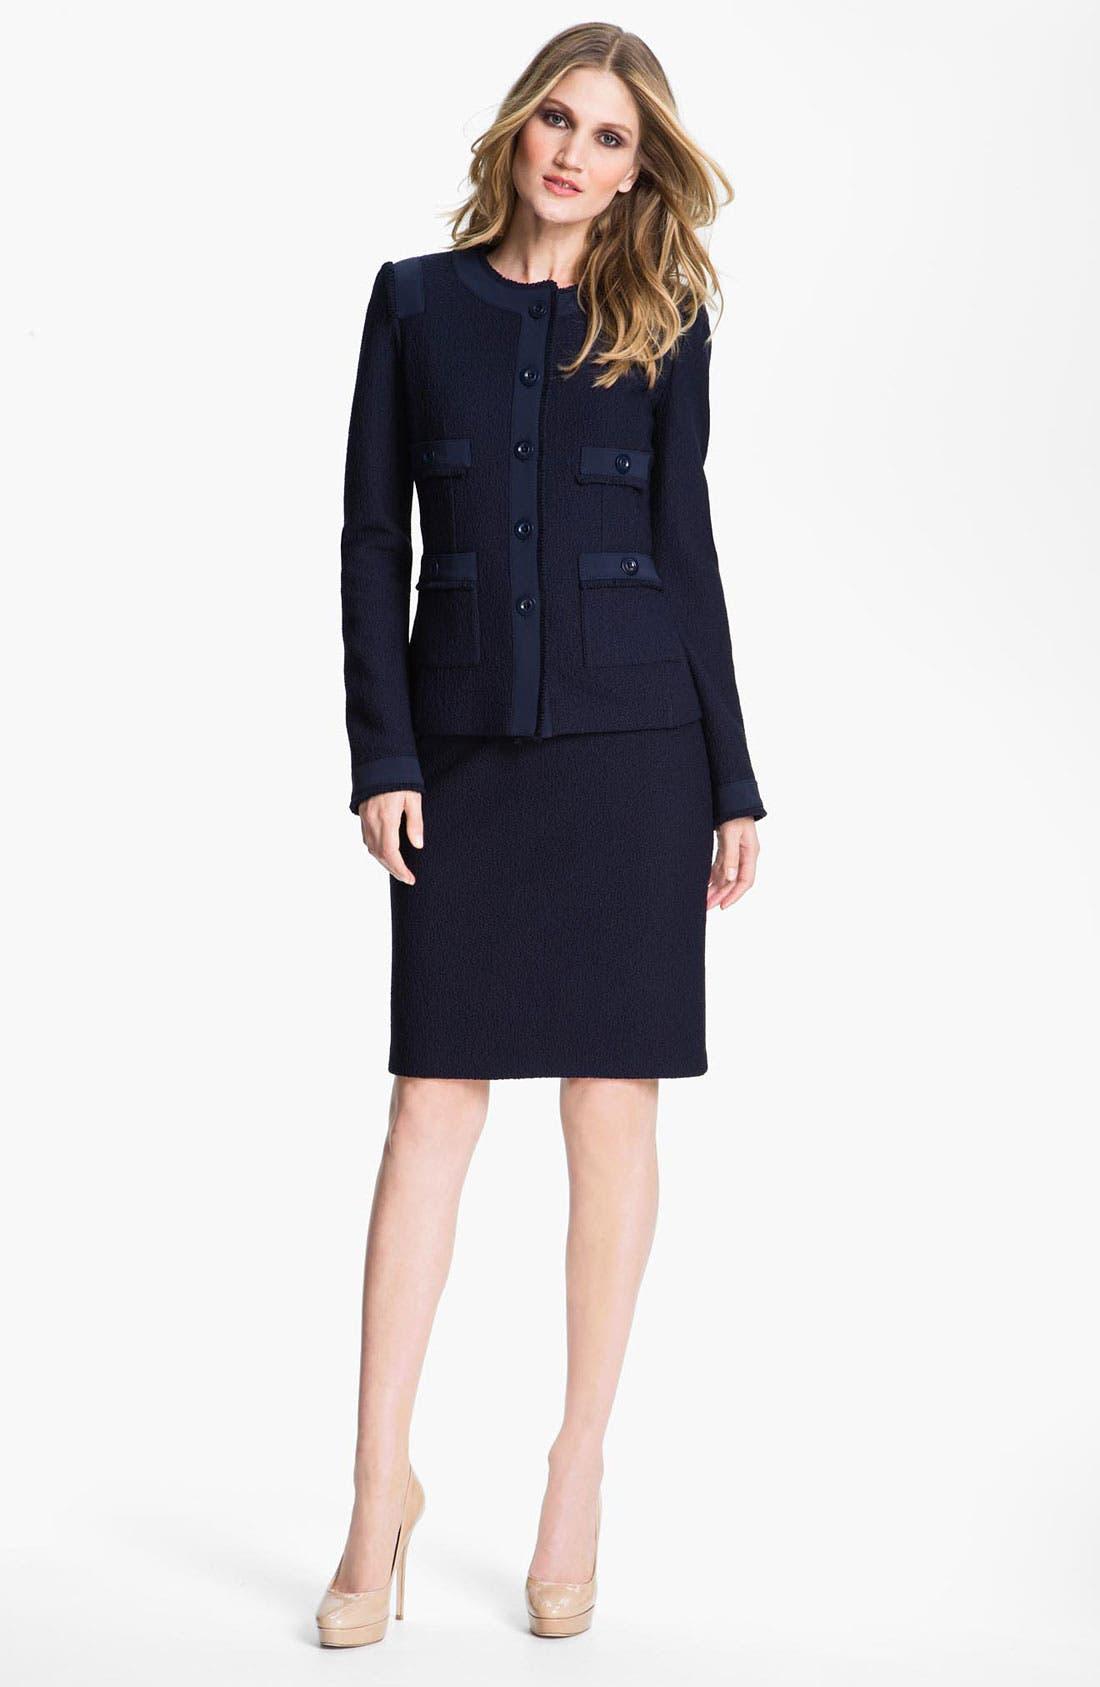 Main Image - St. John Collection Bouclé Jacket & Dress